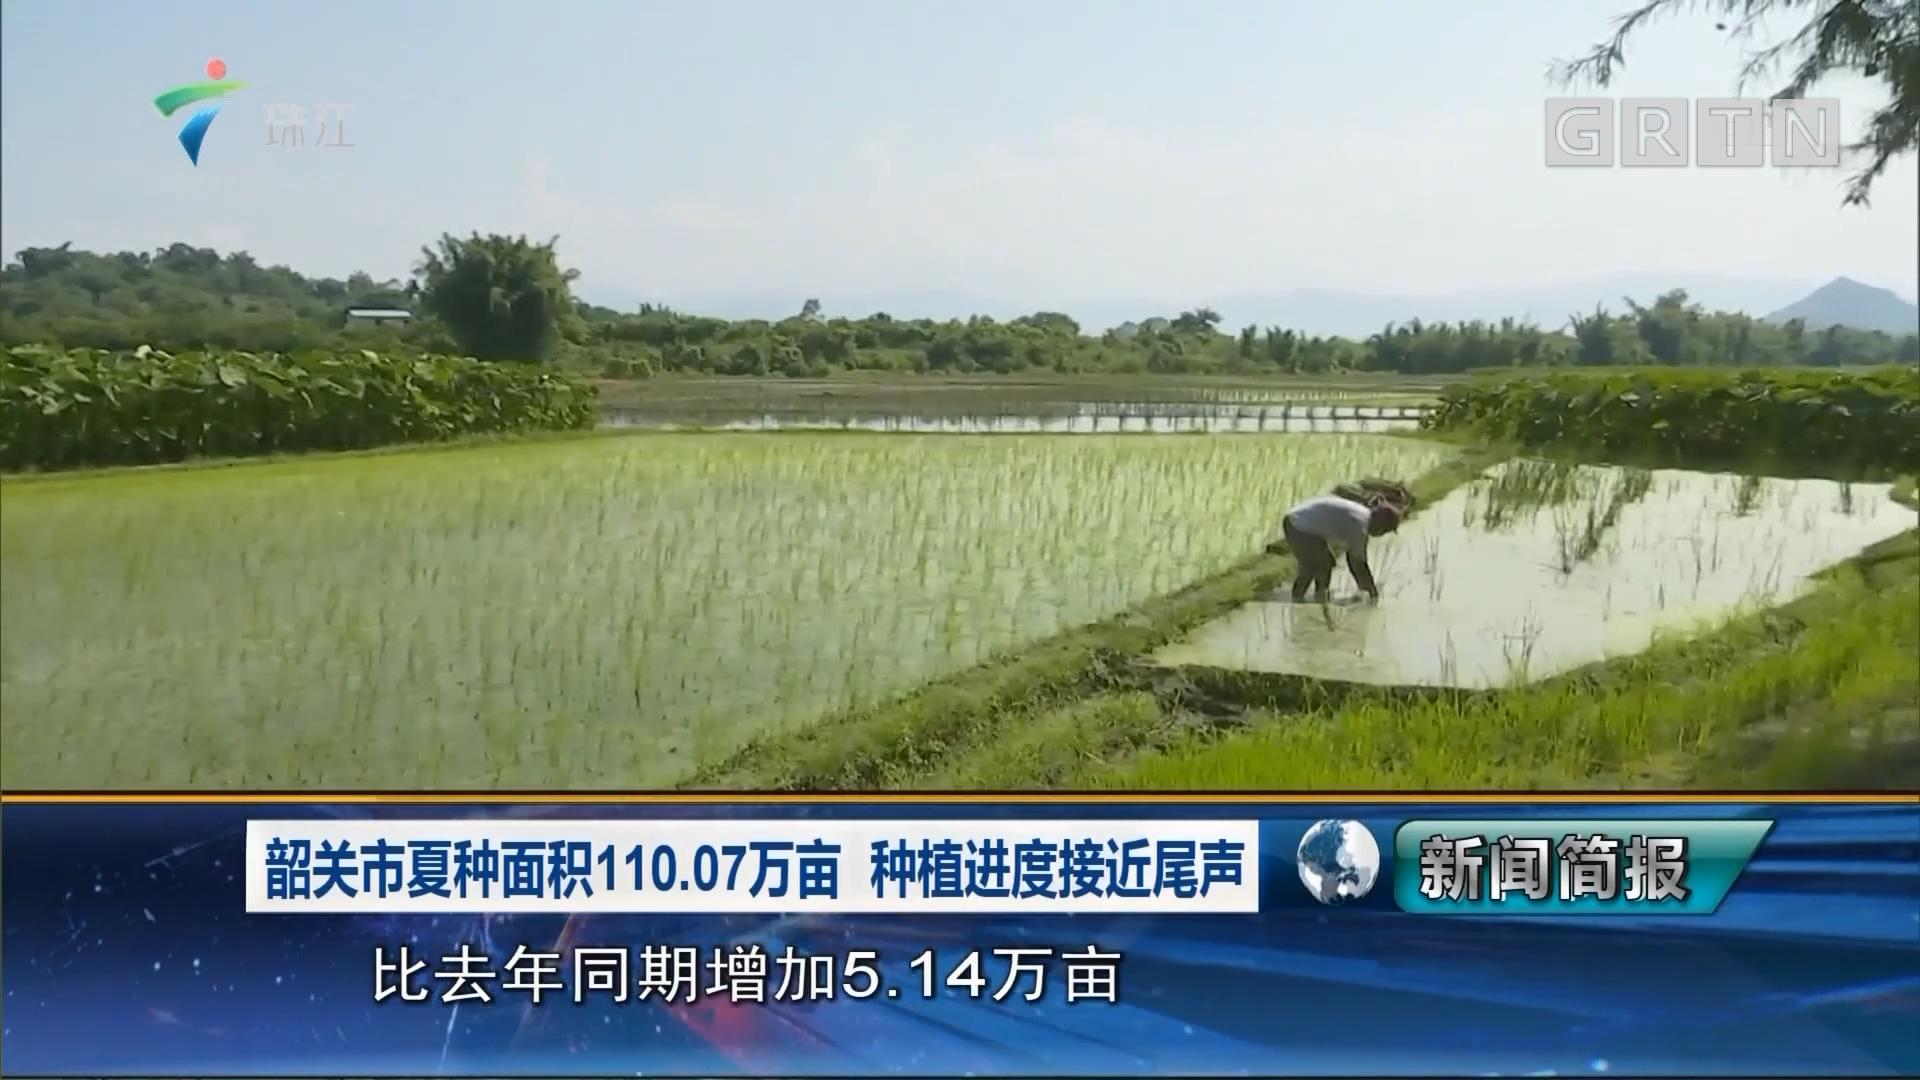 韶关市夏种面积110.07万亩 种植进度接近尾声